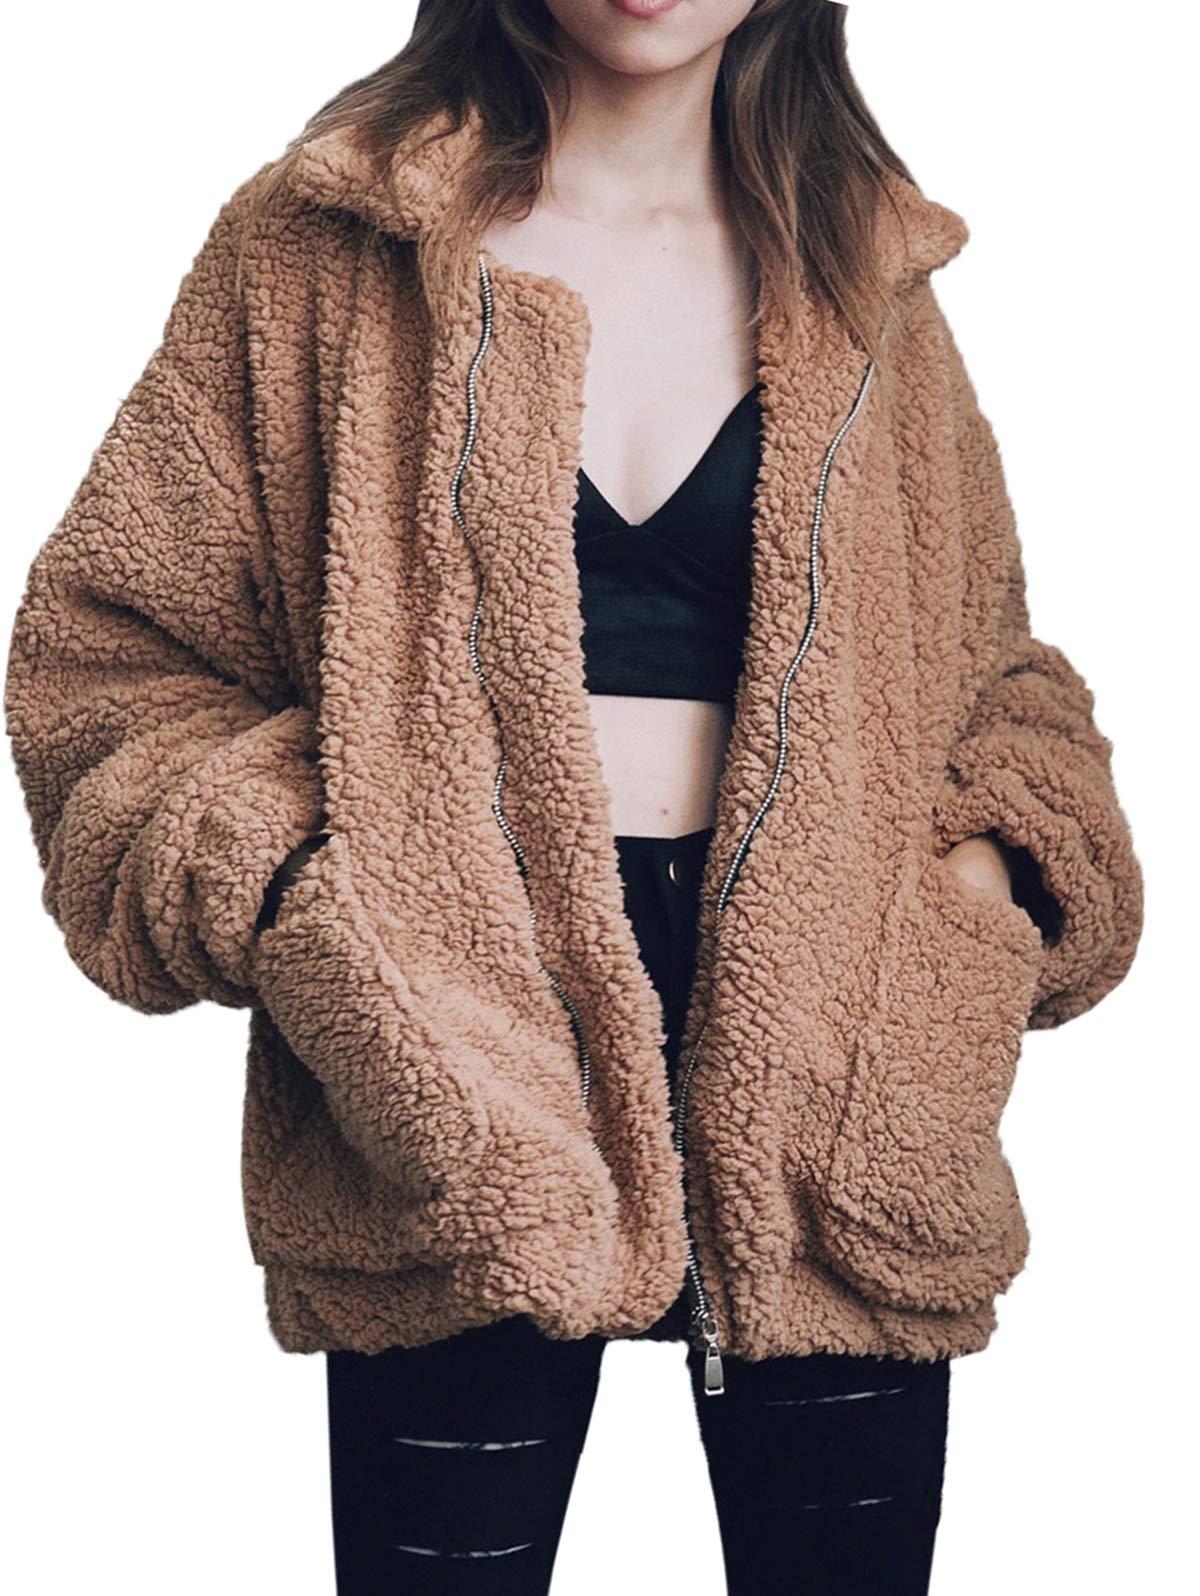 Gzbinz Women's Casual Warm Faux Shearling Coat Jacket Autumn Winter Long Sleeve Lapel Fluffy Fur Outwear Camel S